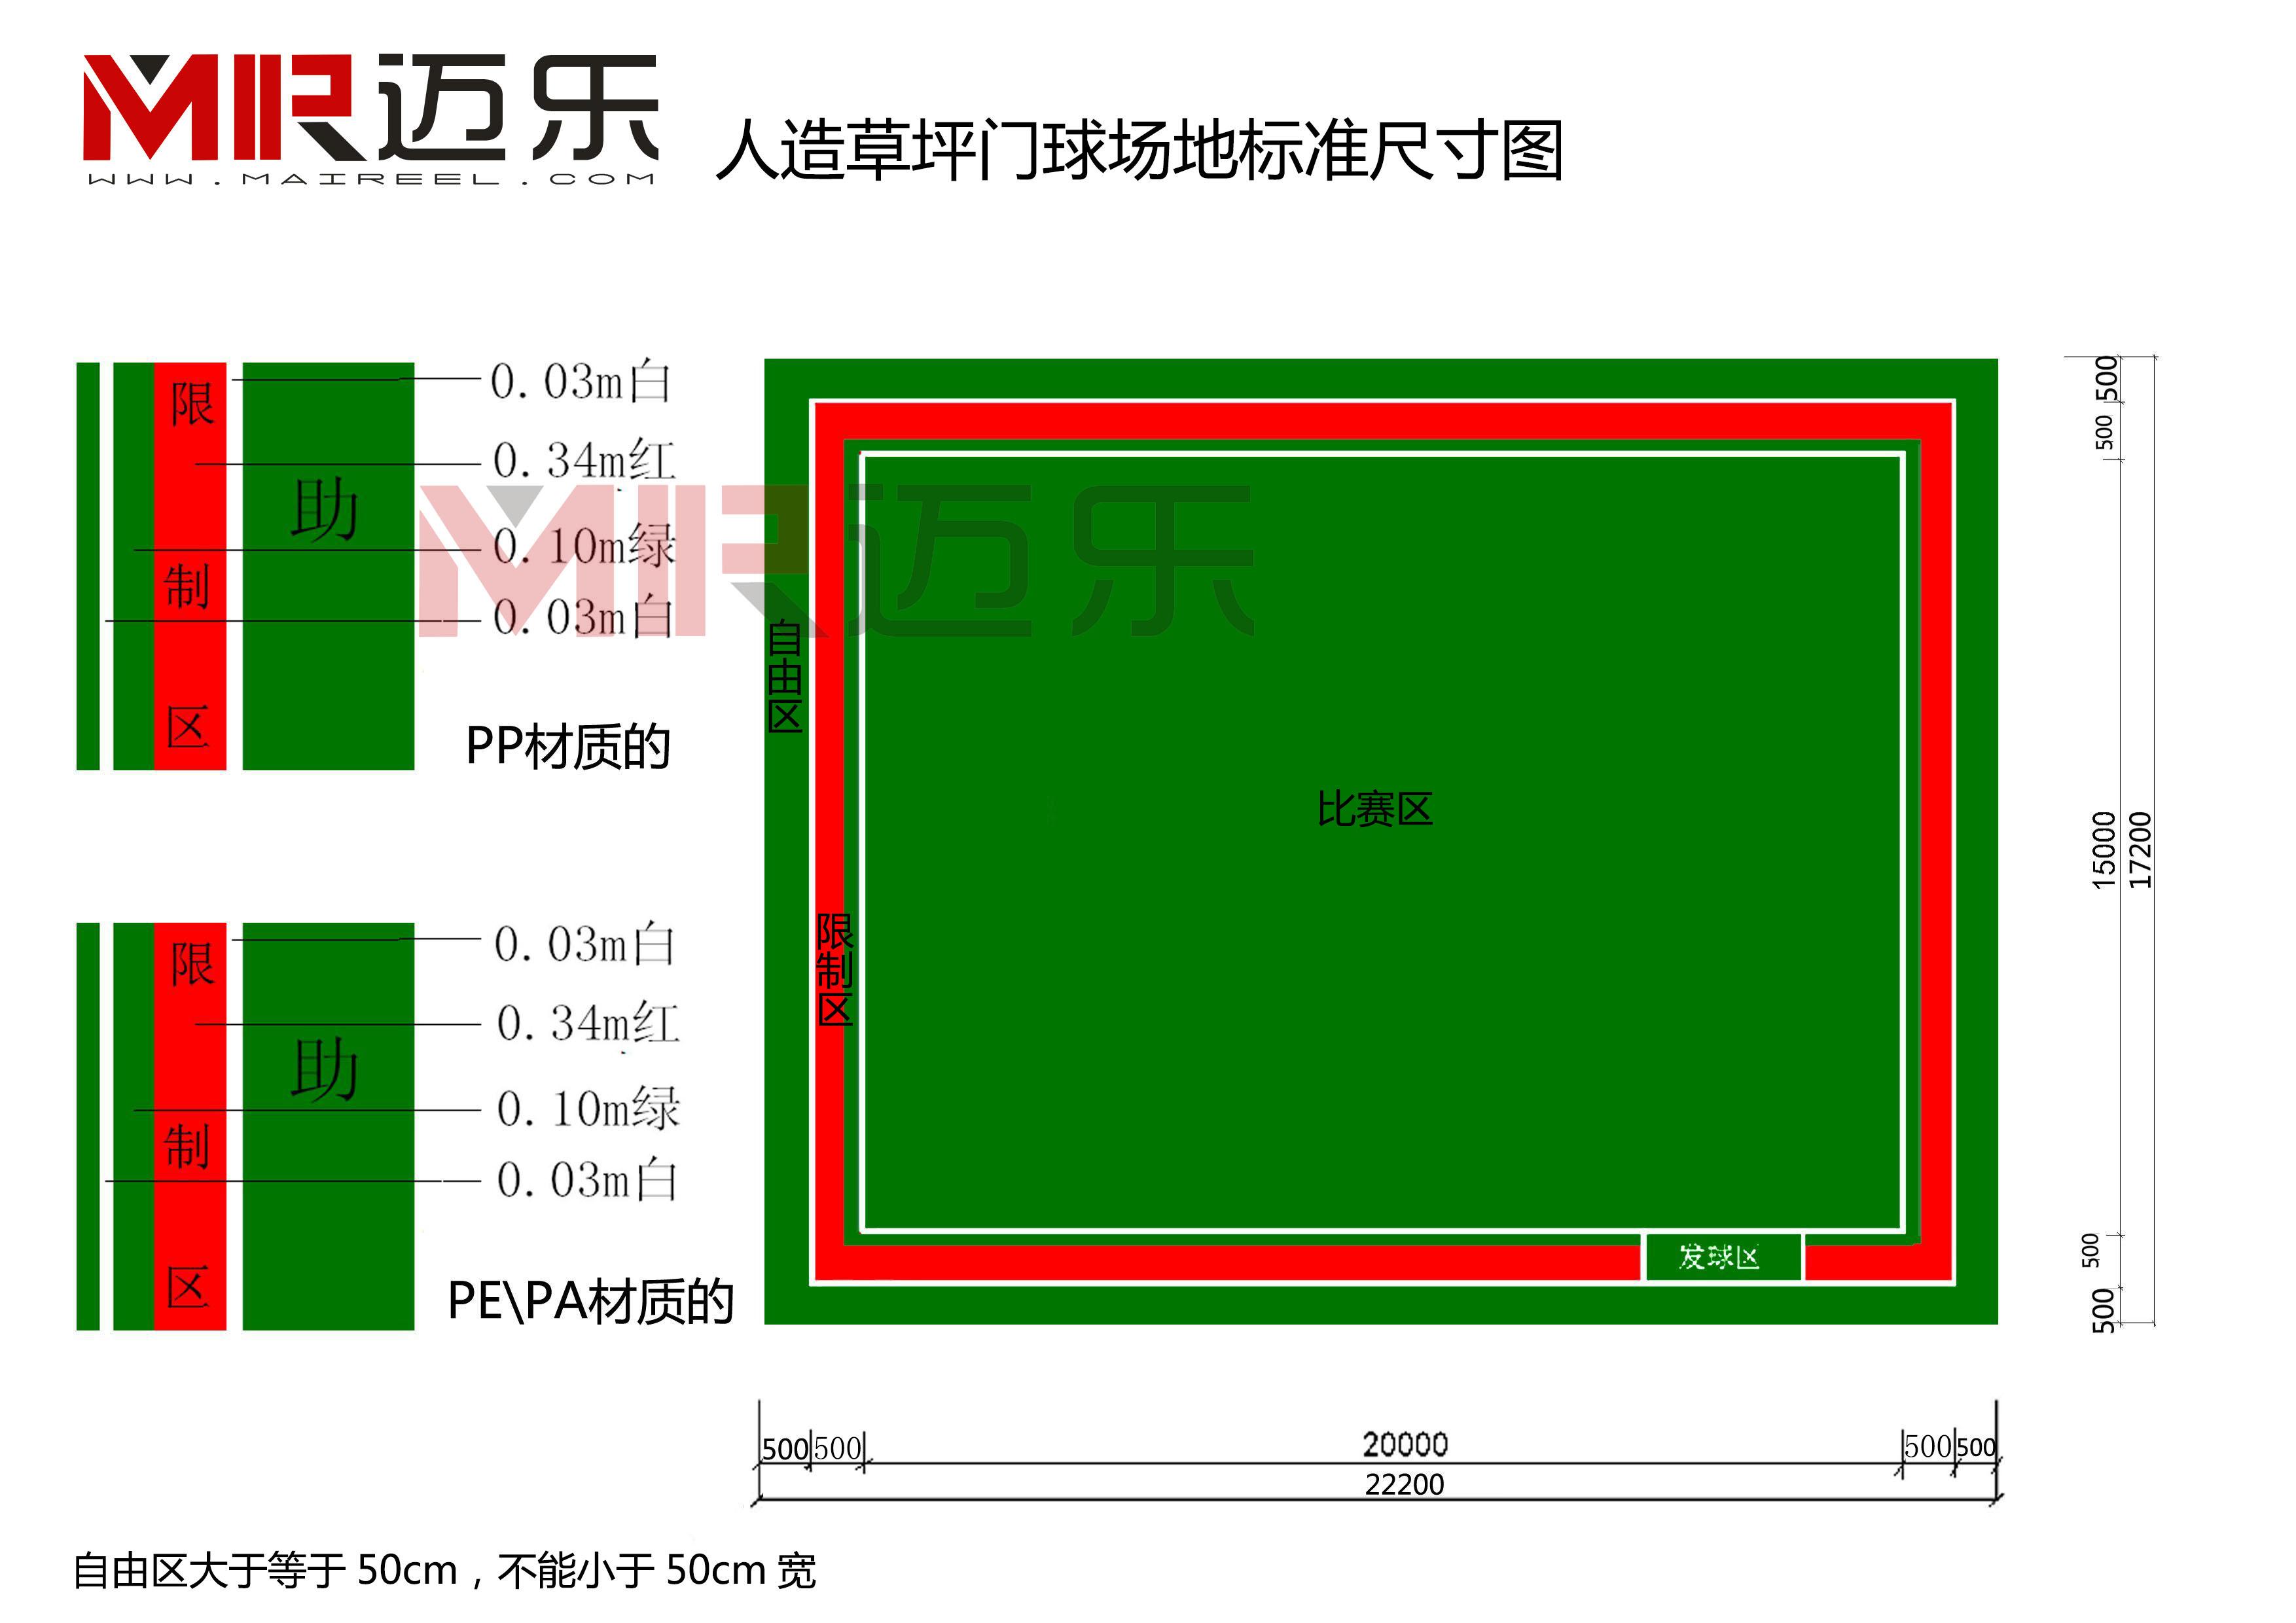 门球场标准尺寸图